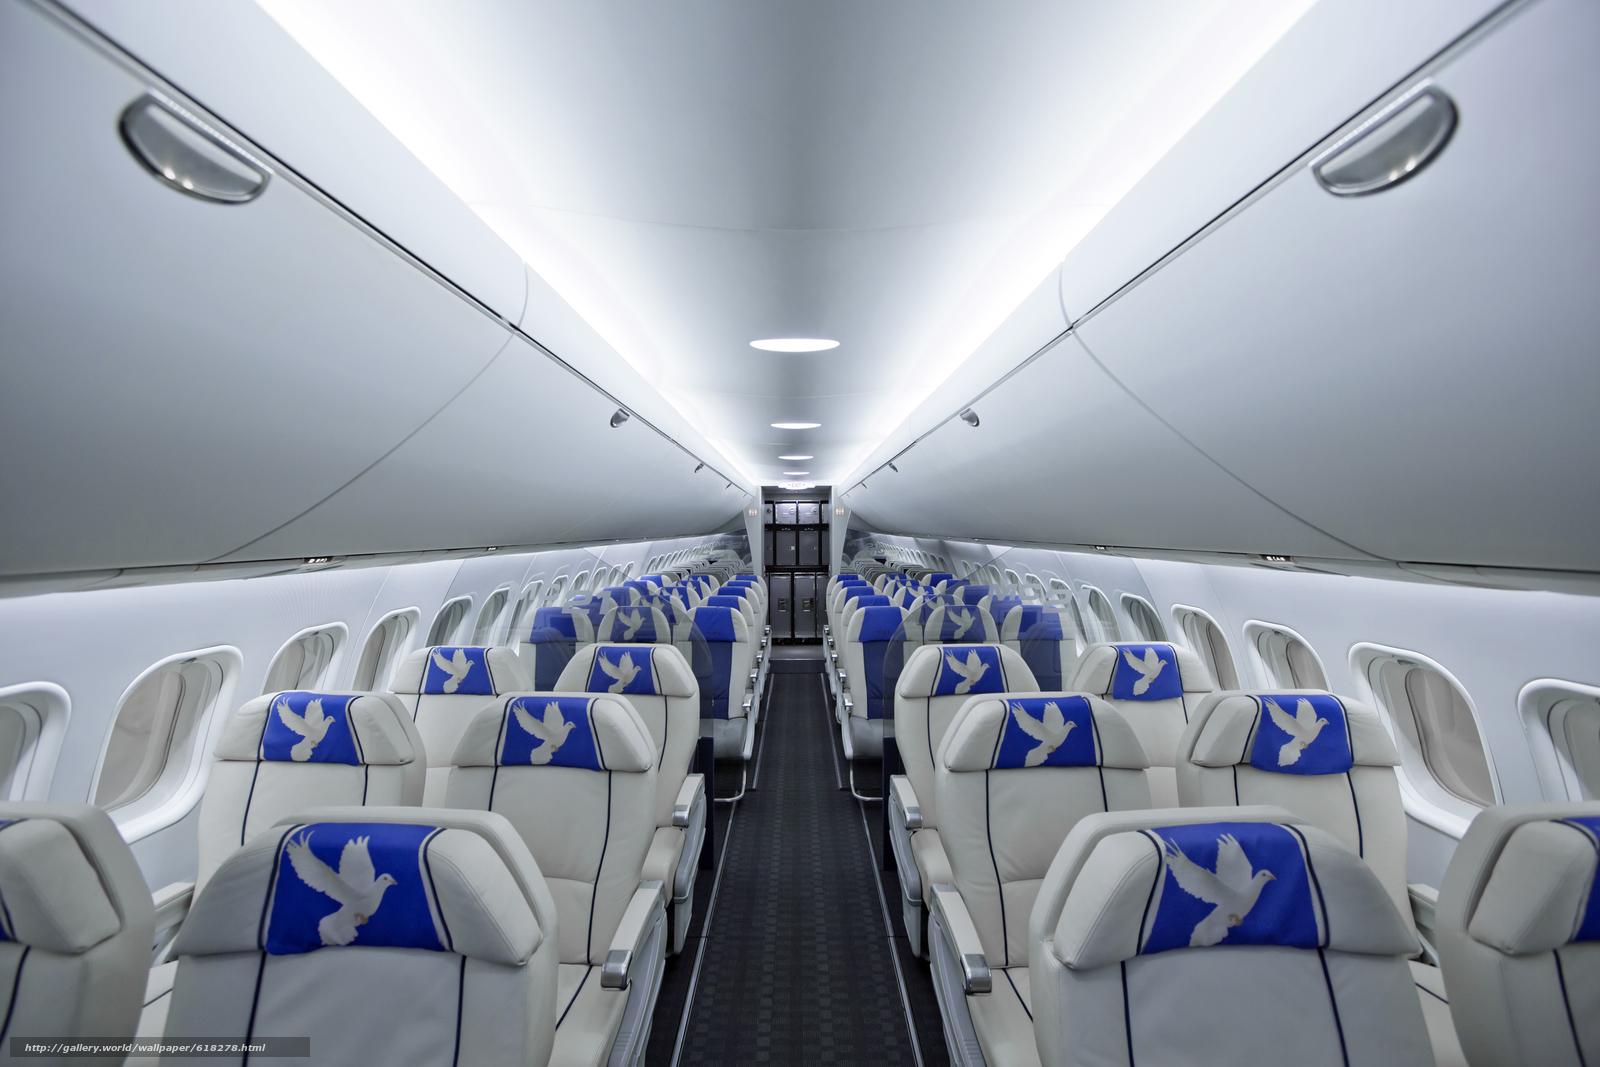 Пассажирский, салон, самолет, МС-21, ЯК, авиация, кресло, голубь